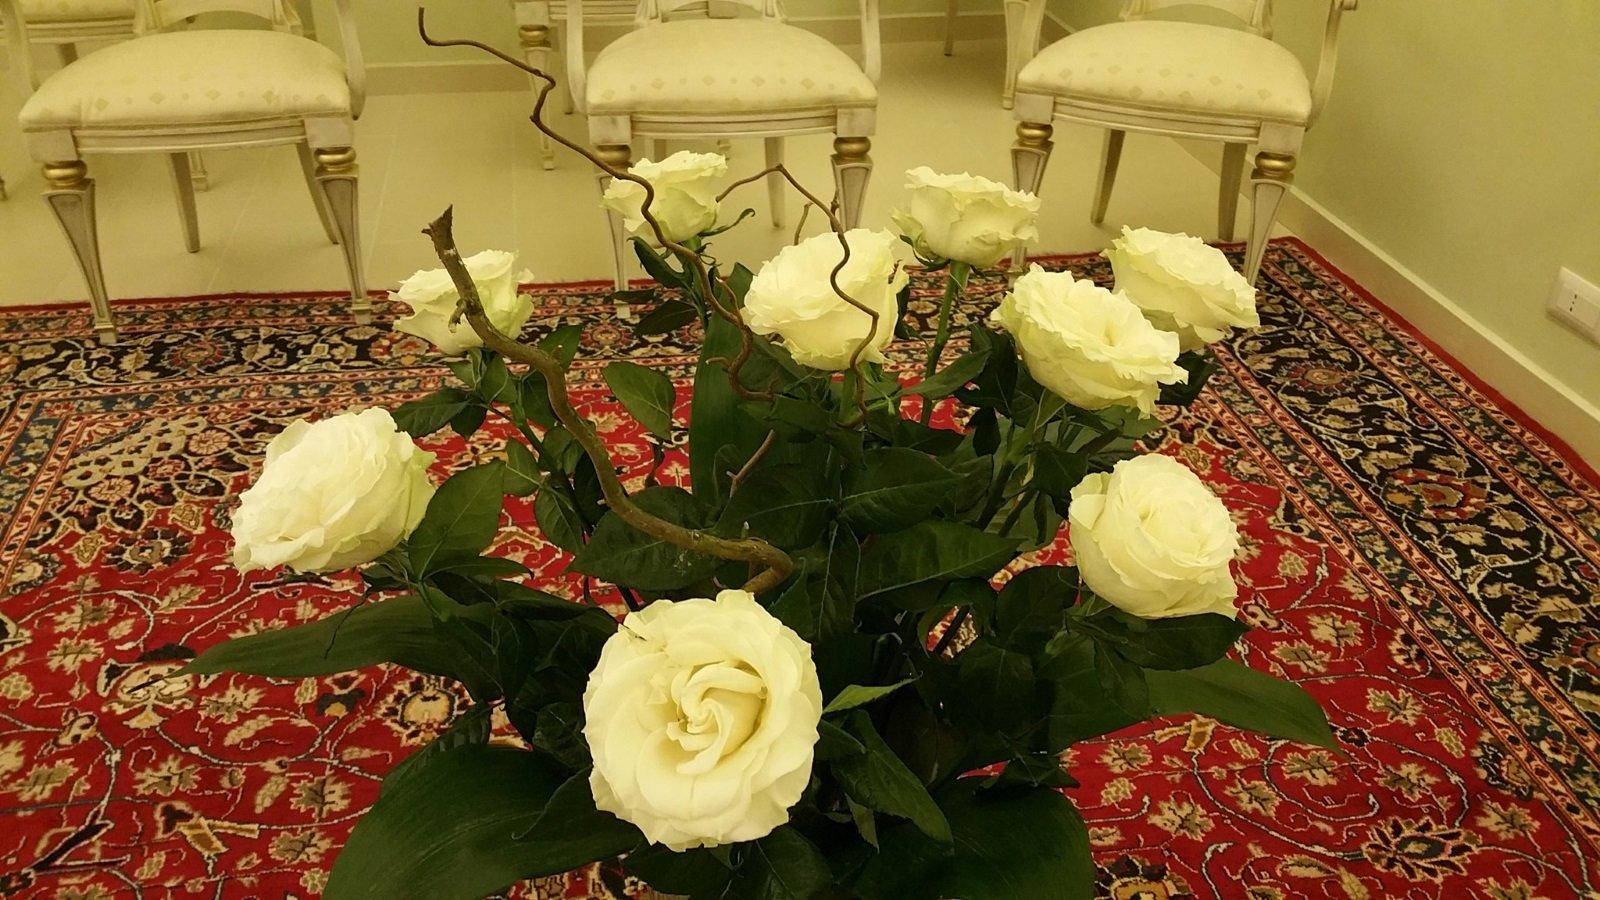 un vaso di rose gialle in una stanza con un tappeto e delle sedie